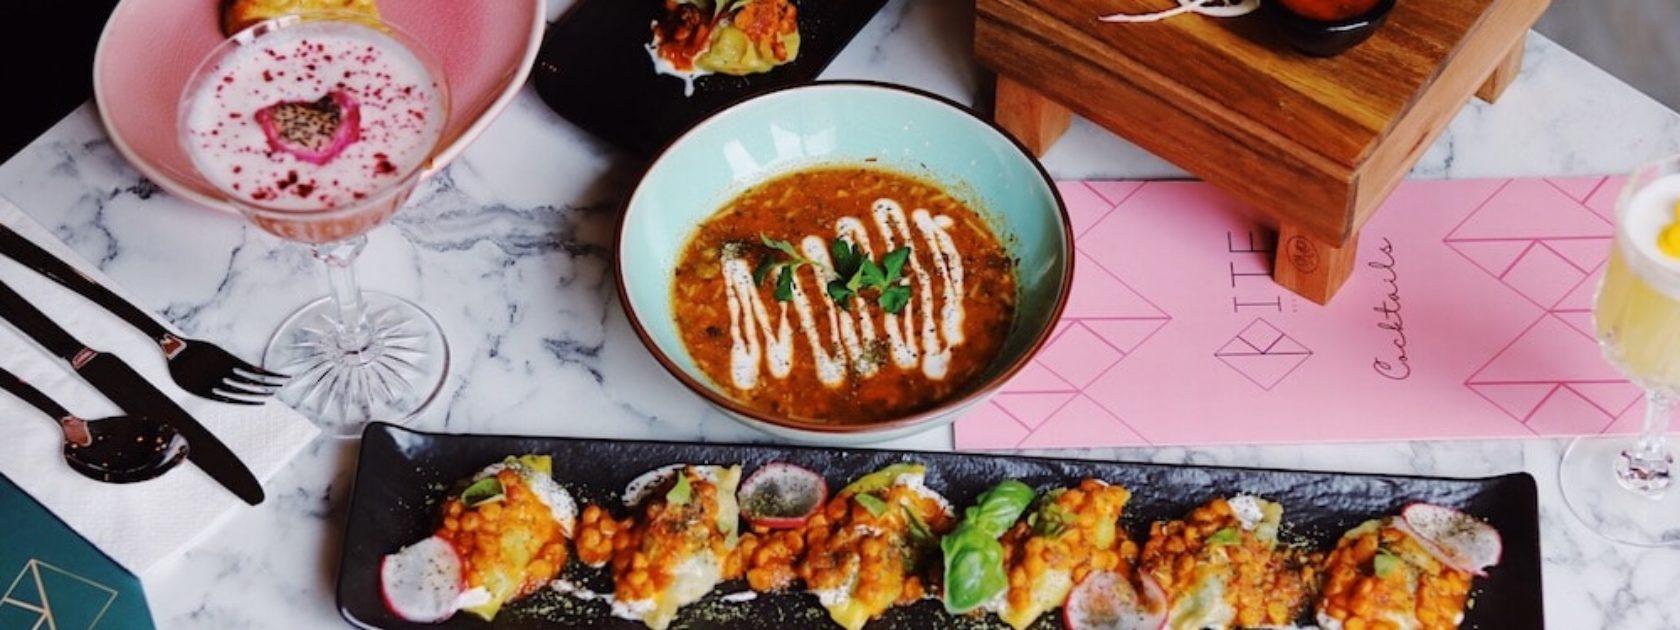 Rotterdam heeft veel Instagrammable hotspots in Rotterdam. Zo ook Kite! Kite is een Afghaans restaurant waar je kunt kiezen voor shared dining of een verrassingsmenu. Ze serveren traditionele Afghaanse gerechten met een moderne twist. Vegetarische opties zijn ook gewoon beschikbaar. Naast het lekkere eten biedt Kite ook verfrissende cocktails die er ook nog eens super mooi uitzien.